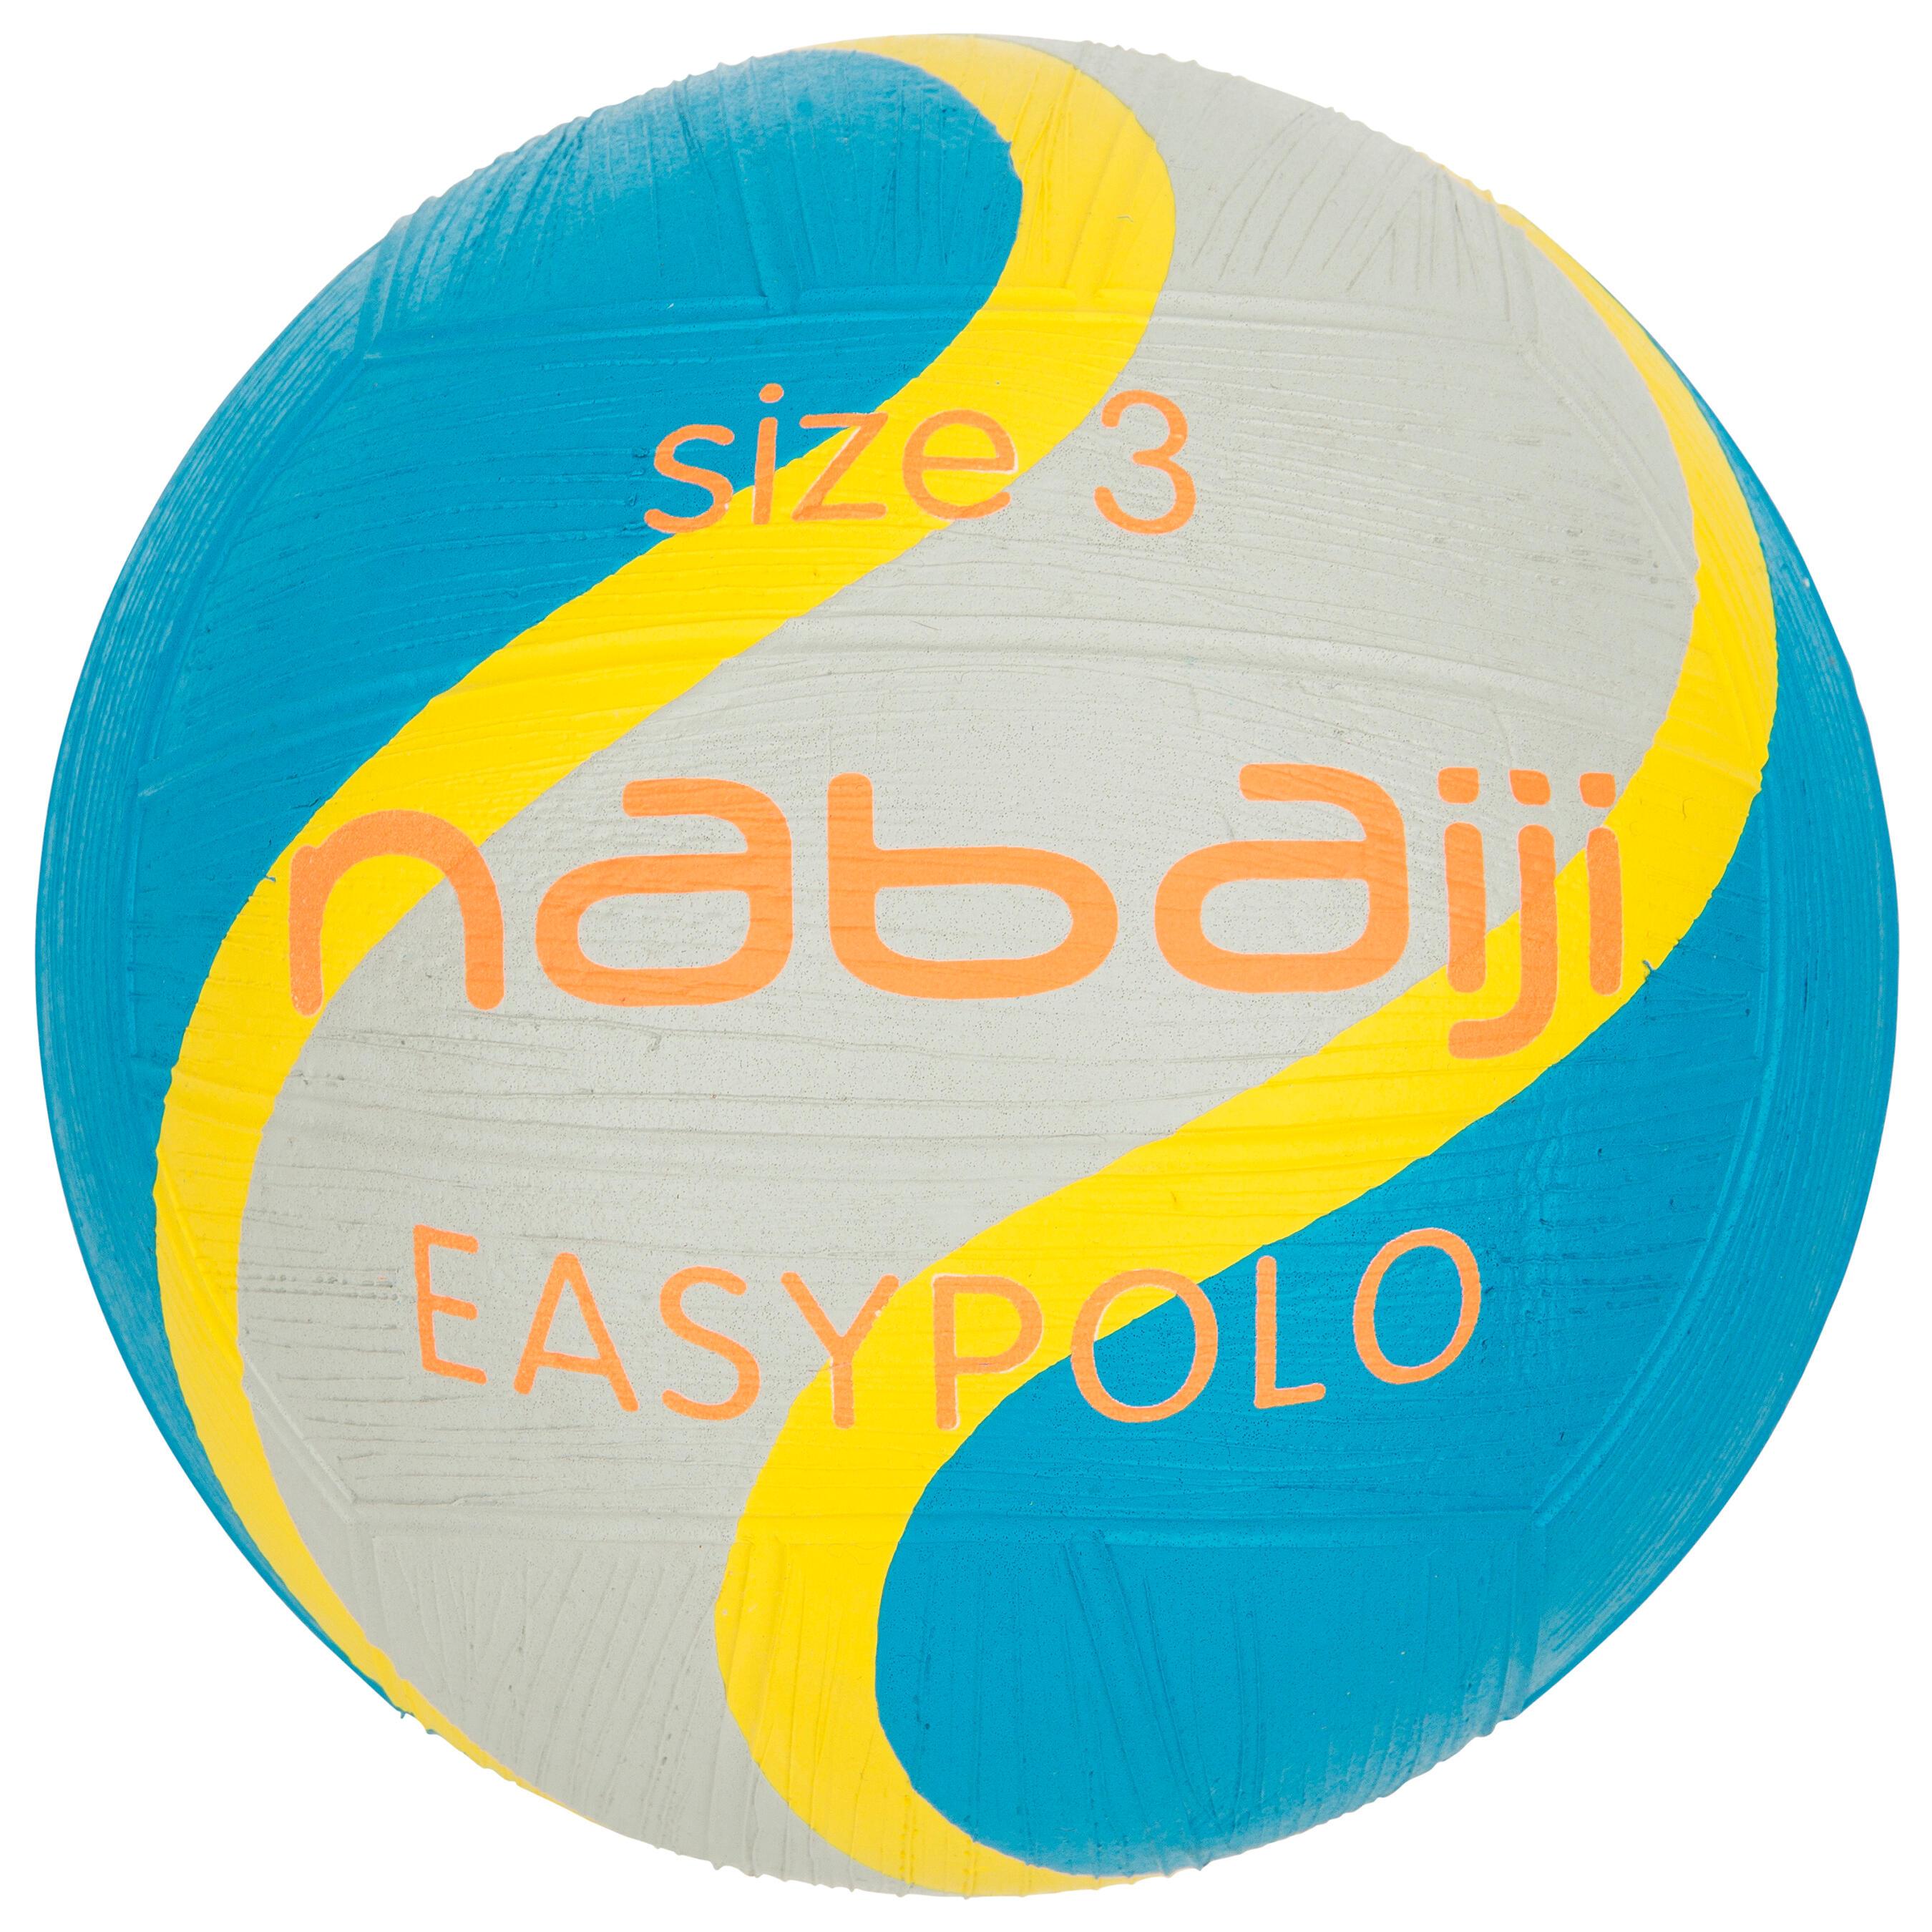 Jungen,Kinder Wasserball Easypolo 3 blau grau | 03583788287766